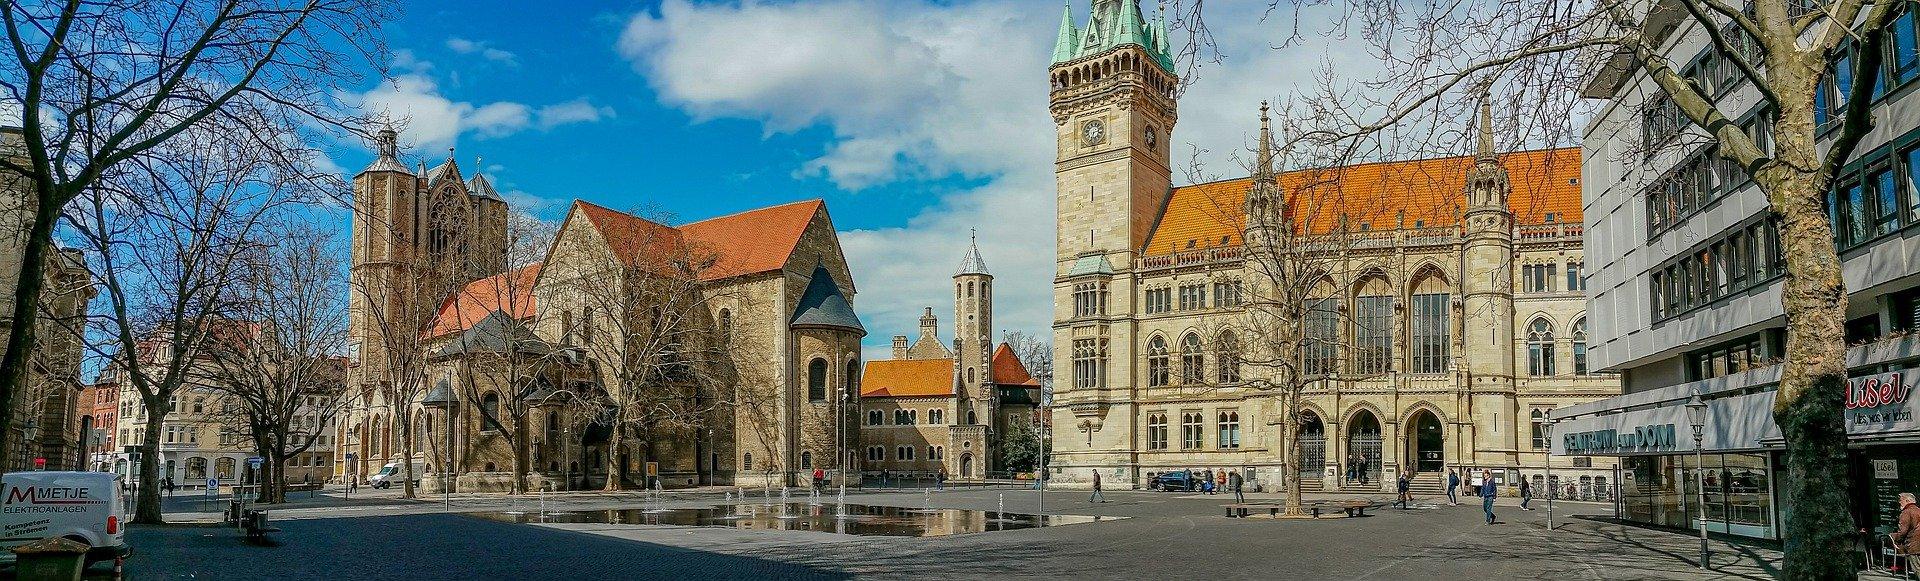 Blick in Altstadt von Braunschweig